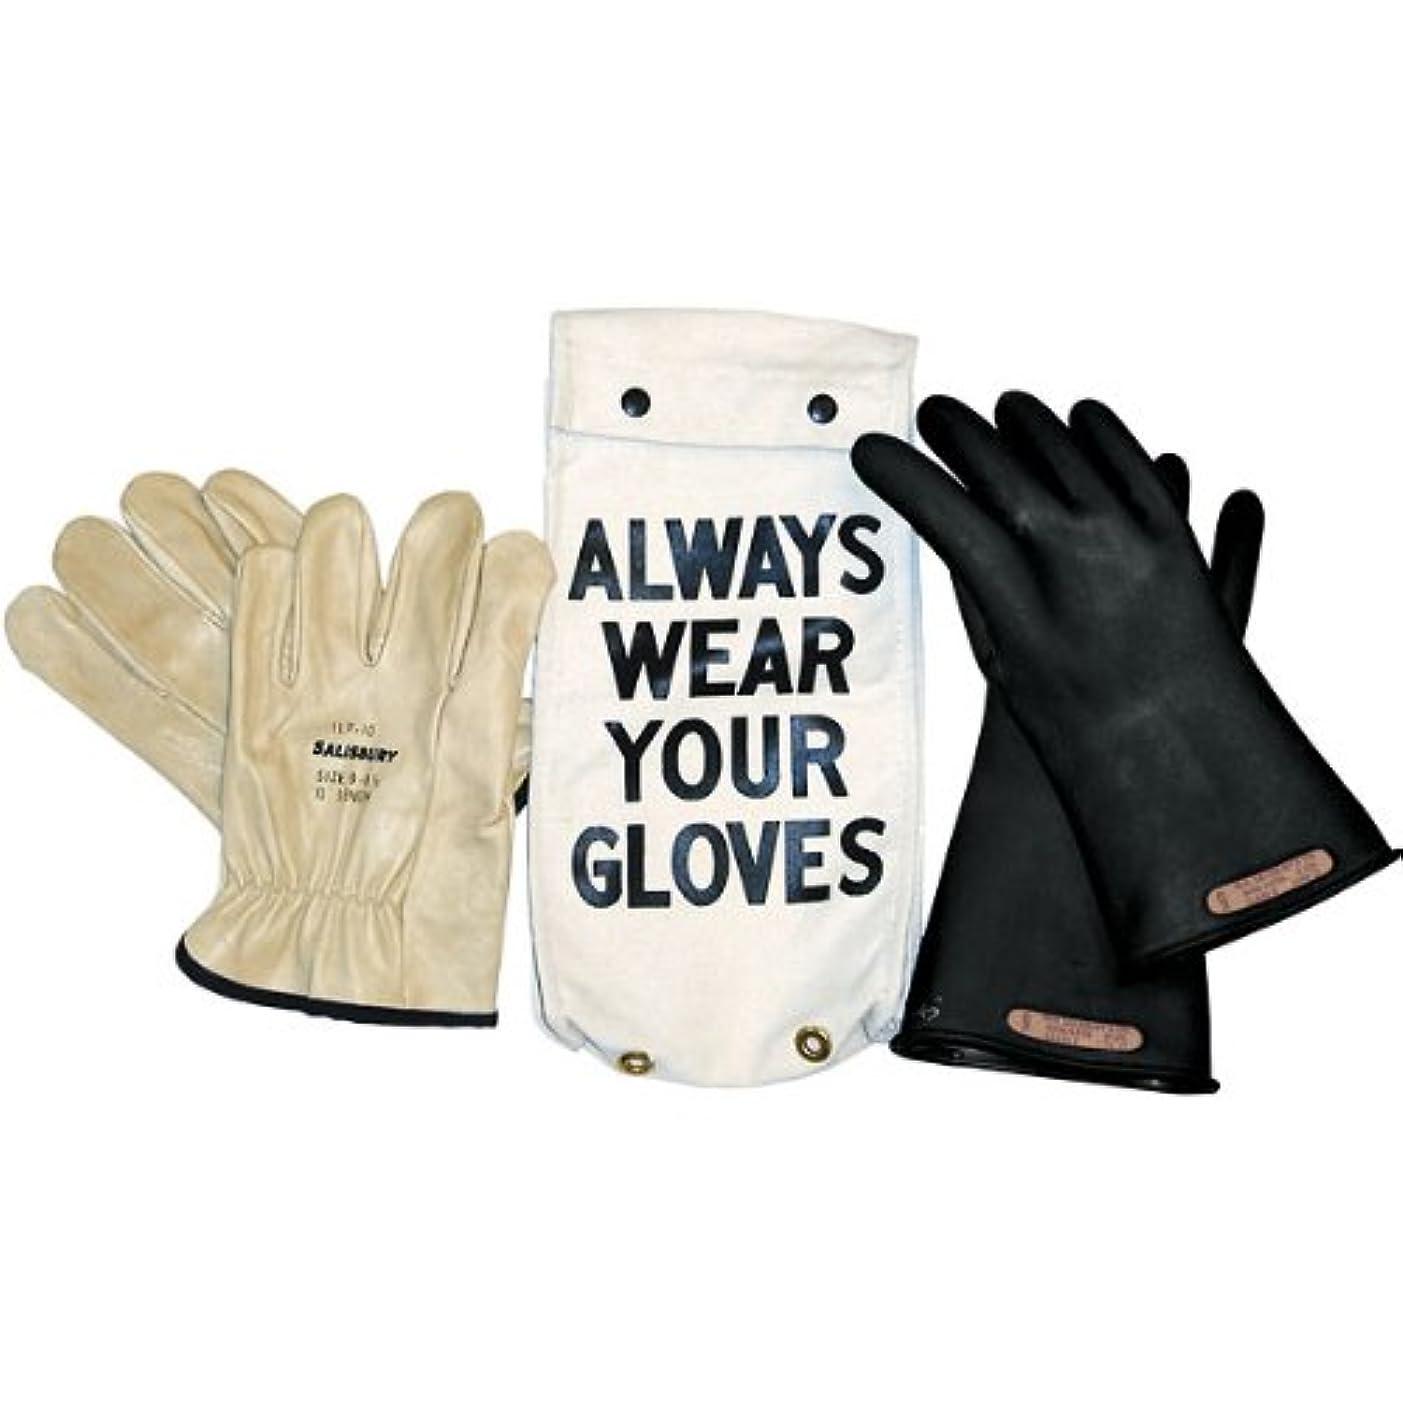 説得力のある飾る元気Salisbury Insulated Glove Kit, Class 2, Black/Red, 14L, Size 9; One Pair by Salisbury